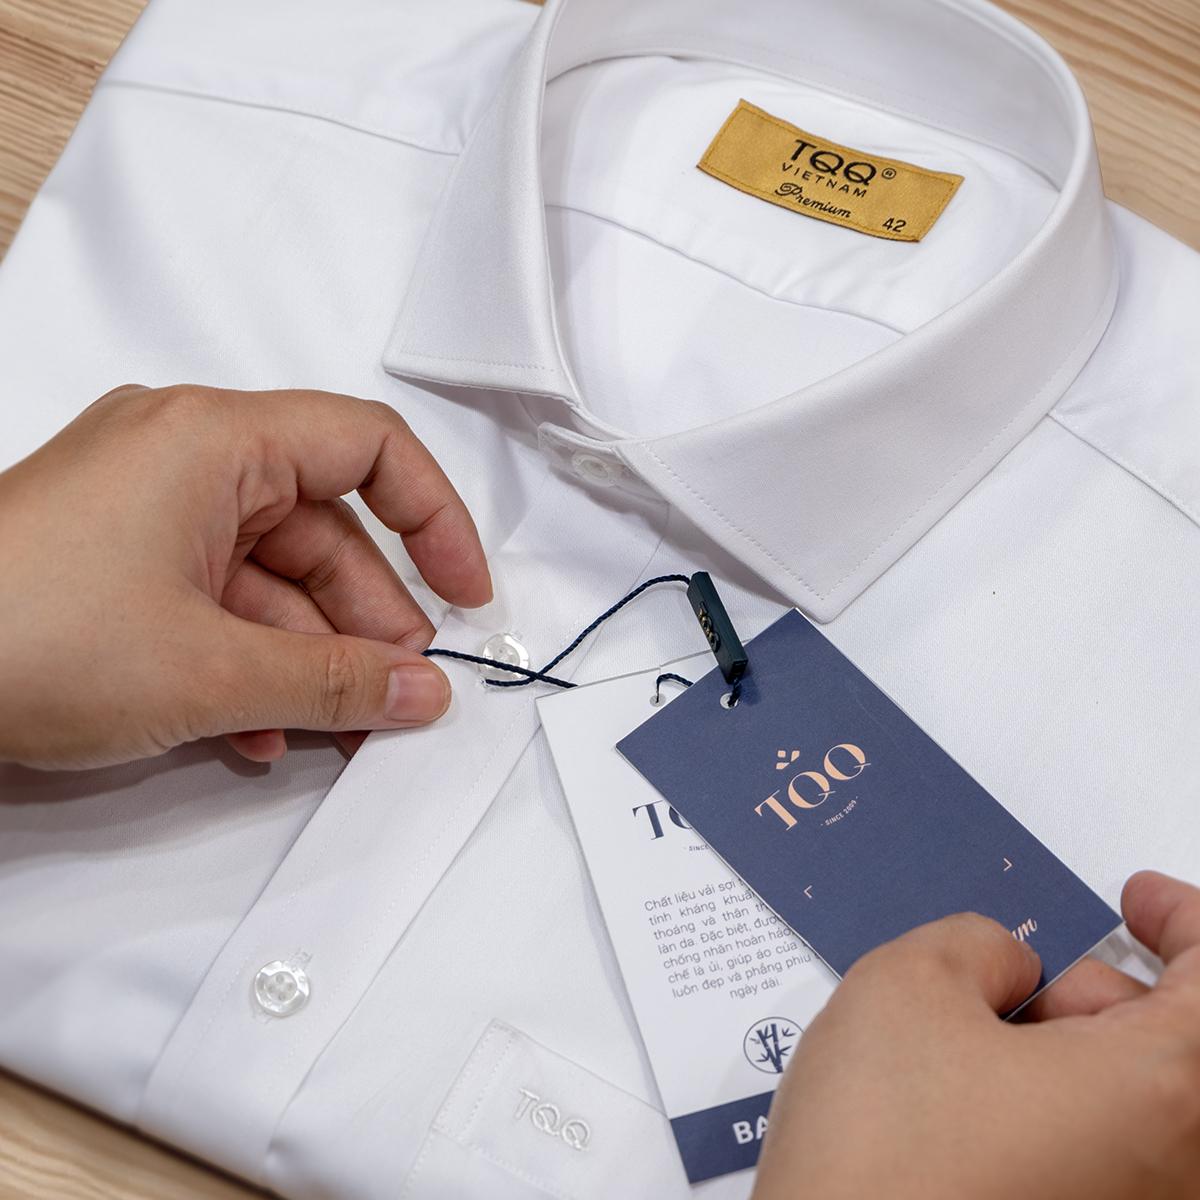 Cần quan sát phần ghi chất liệu vải ở mác áo/cổ áo để chọn chất liệu phù hợp.